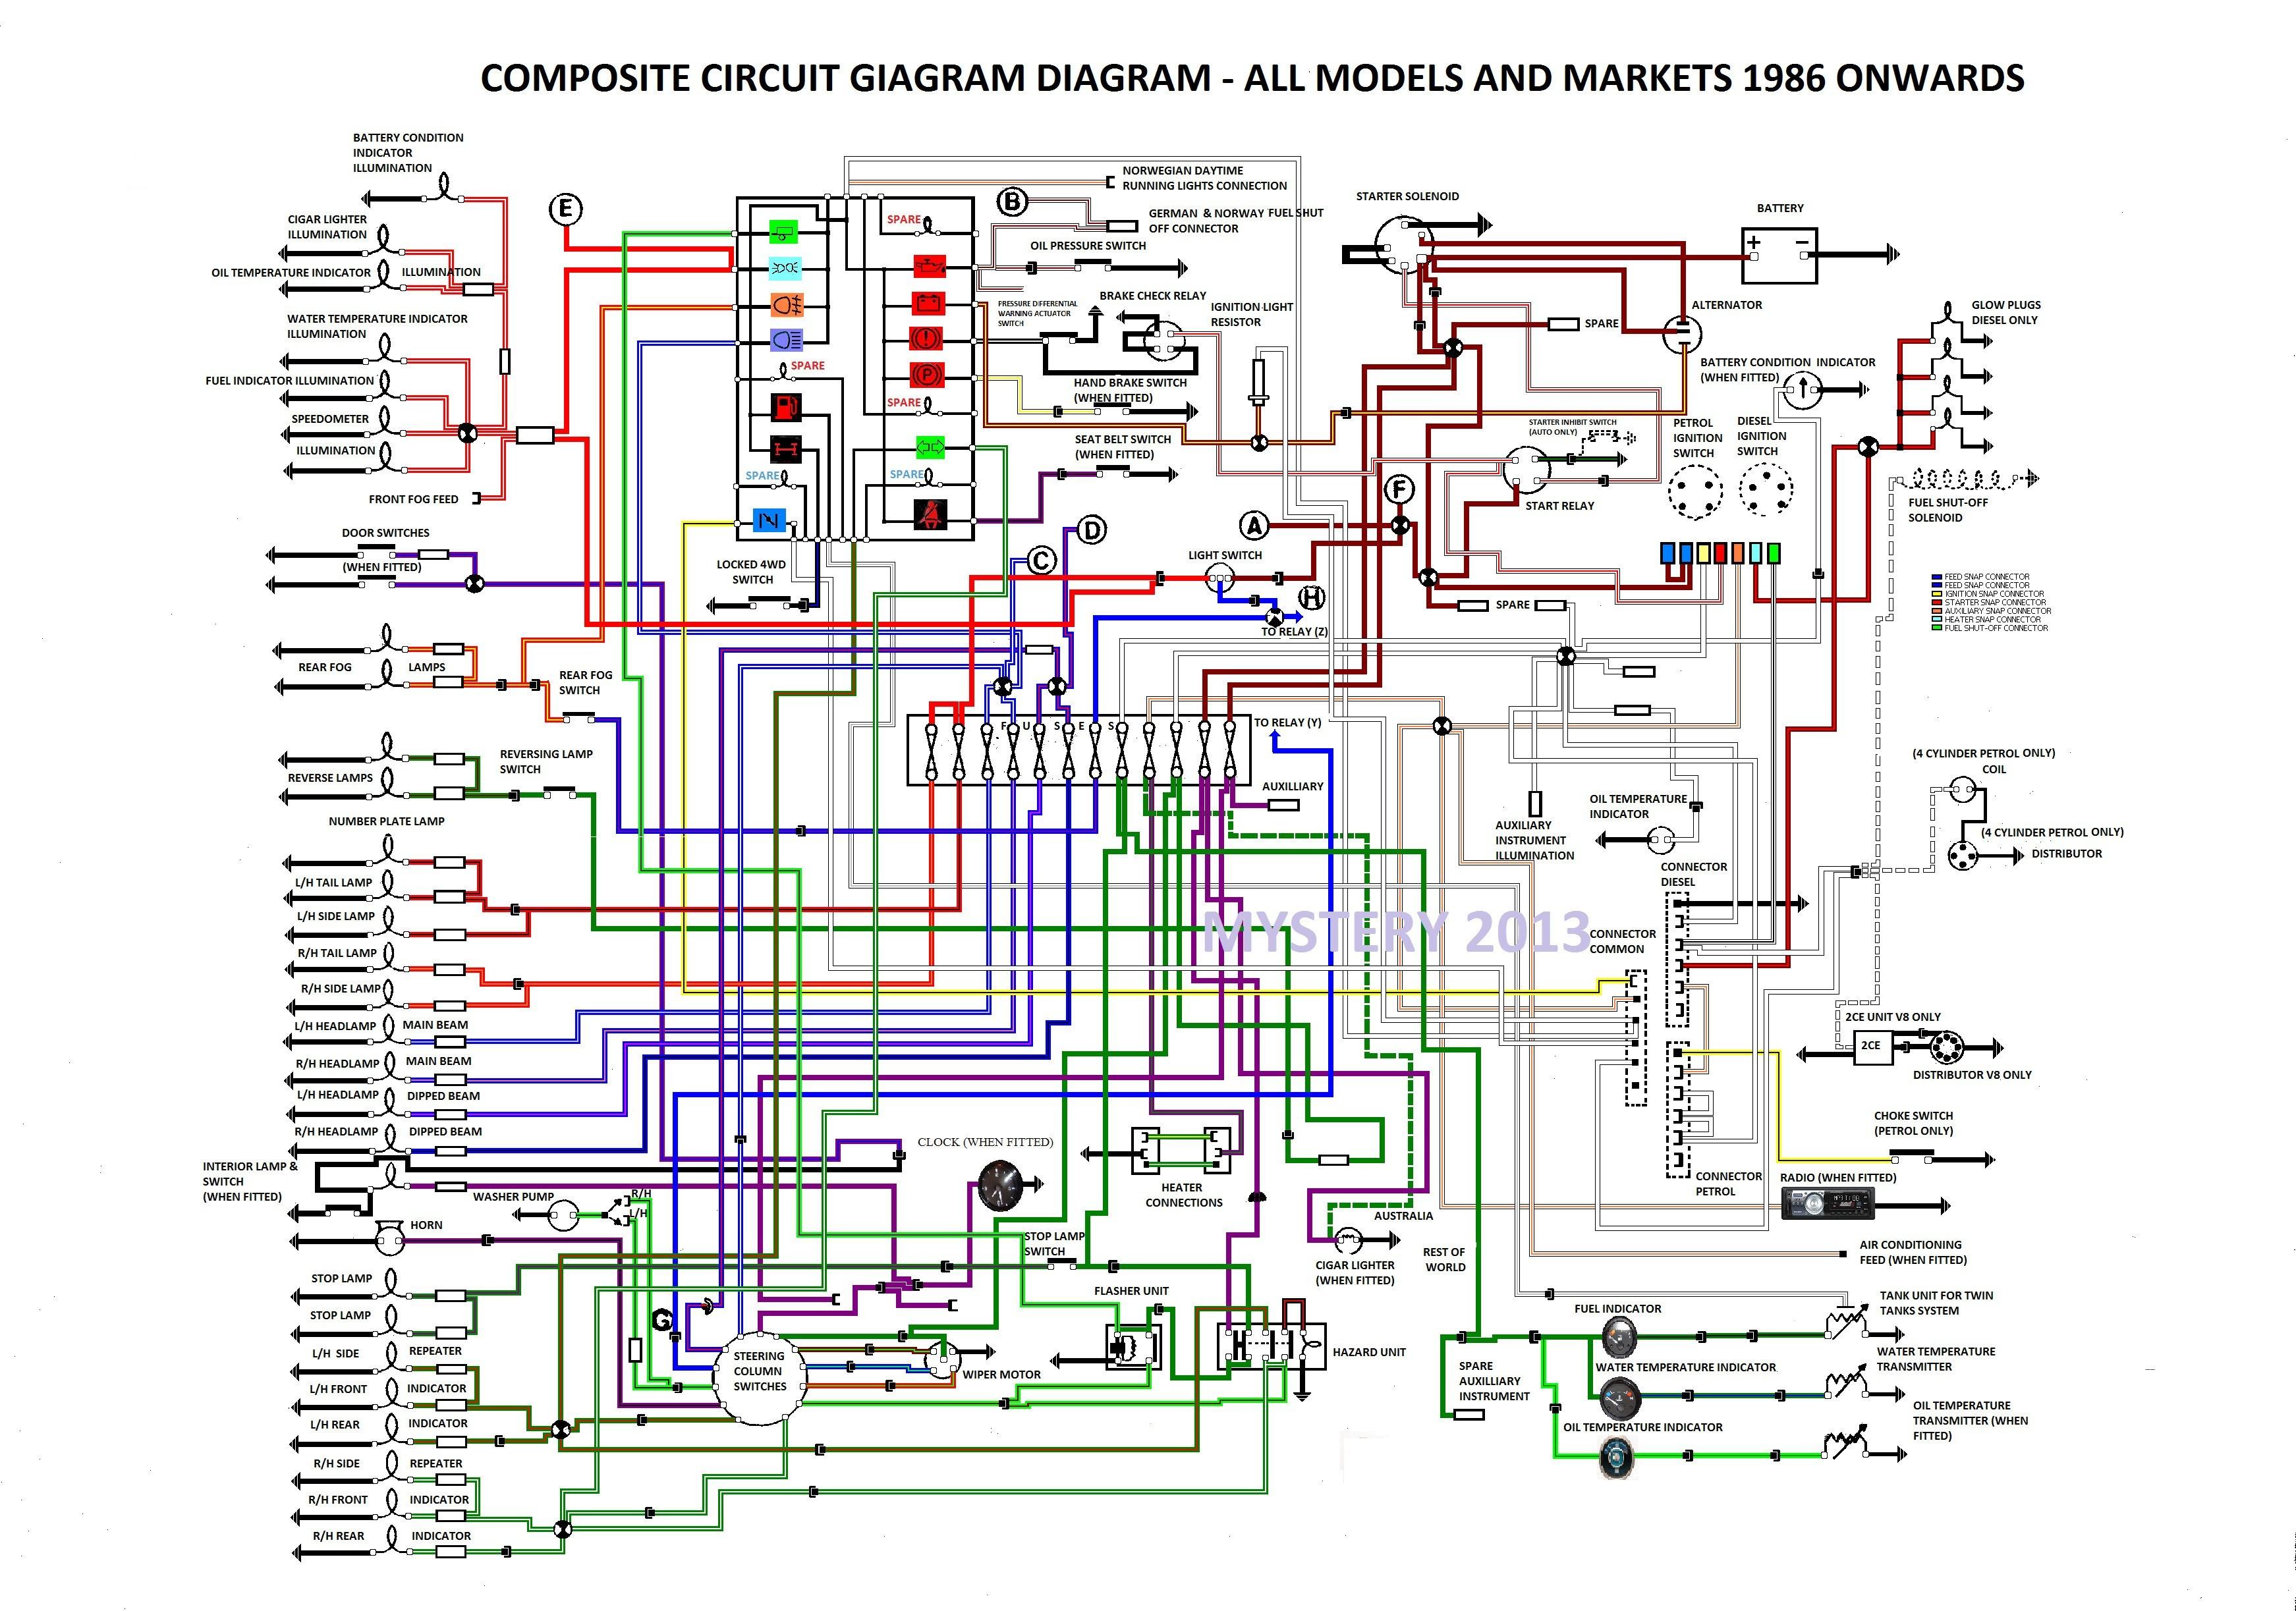 Passtime Gps Wiring Diagram Land Rover Defender Abs Wiring Diagram Worksheet and Wiring Diagram • Of Passtime Gps Wiring Diagram